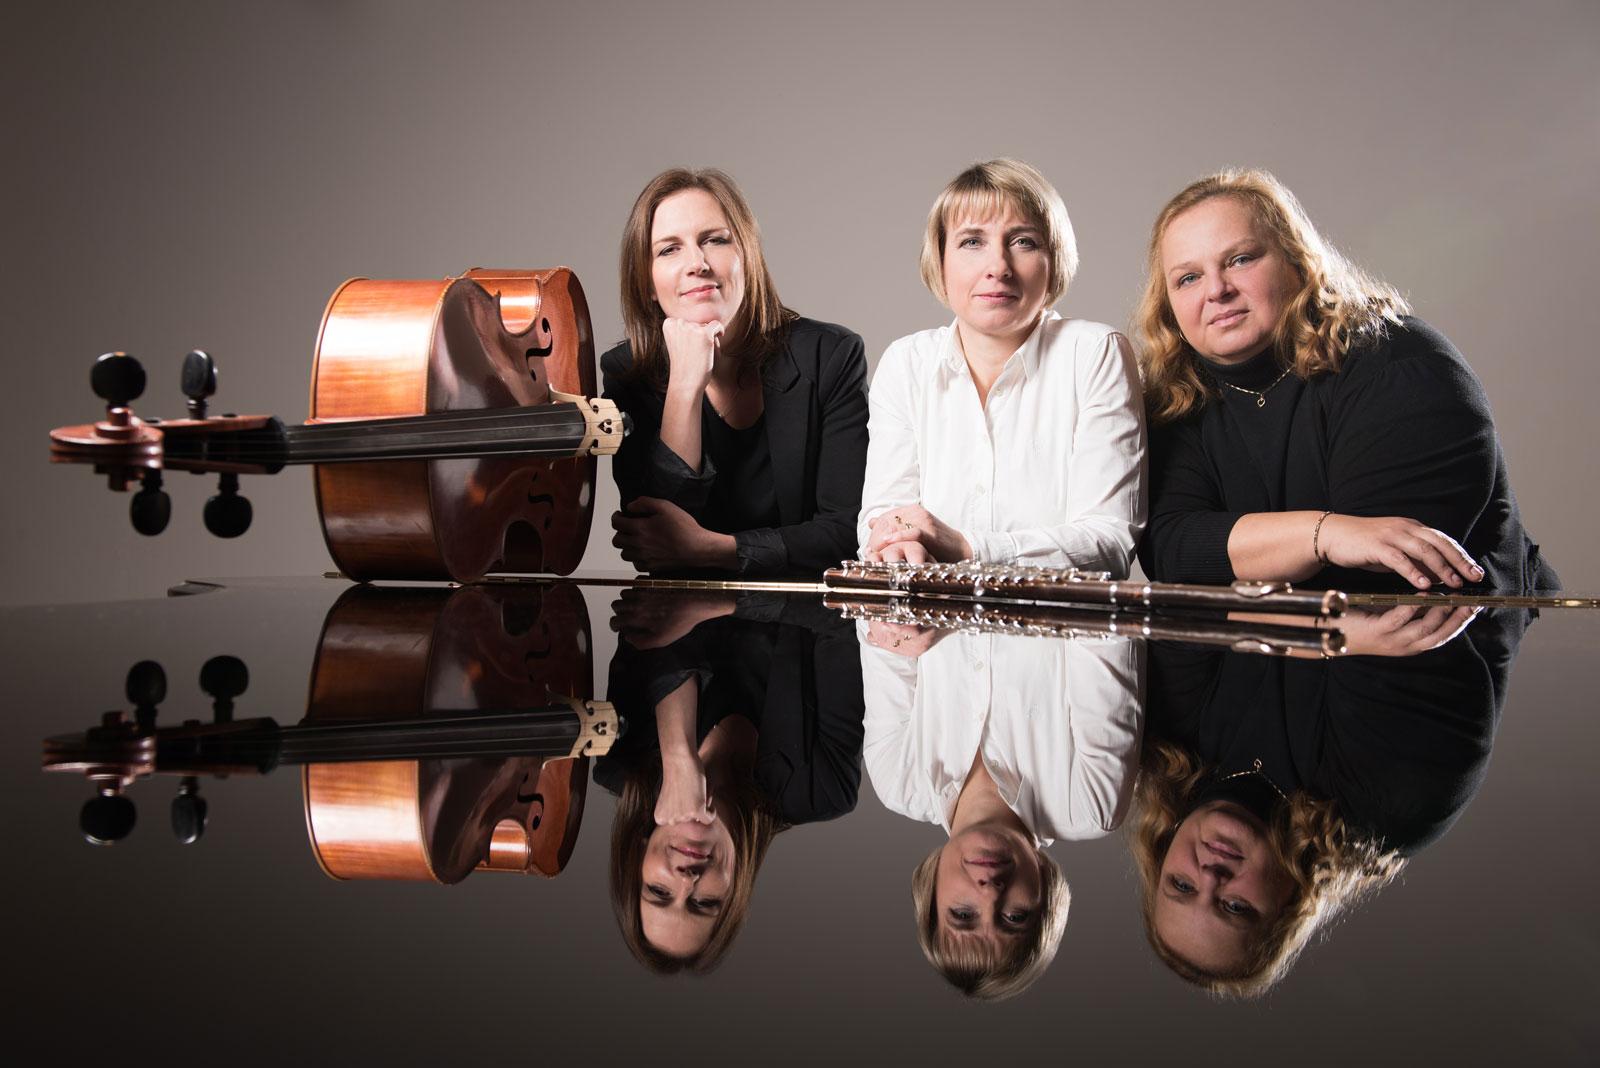 sebastiantrio.cz - SEBASTIAN TRIO - Simona Hečová, Kateřina Jansová, Alice Voborská - vážná hudba